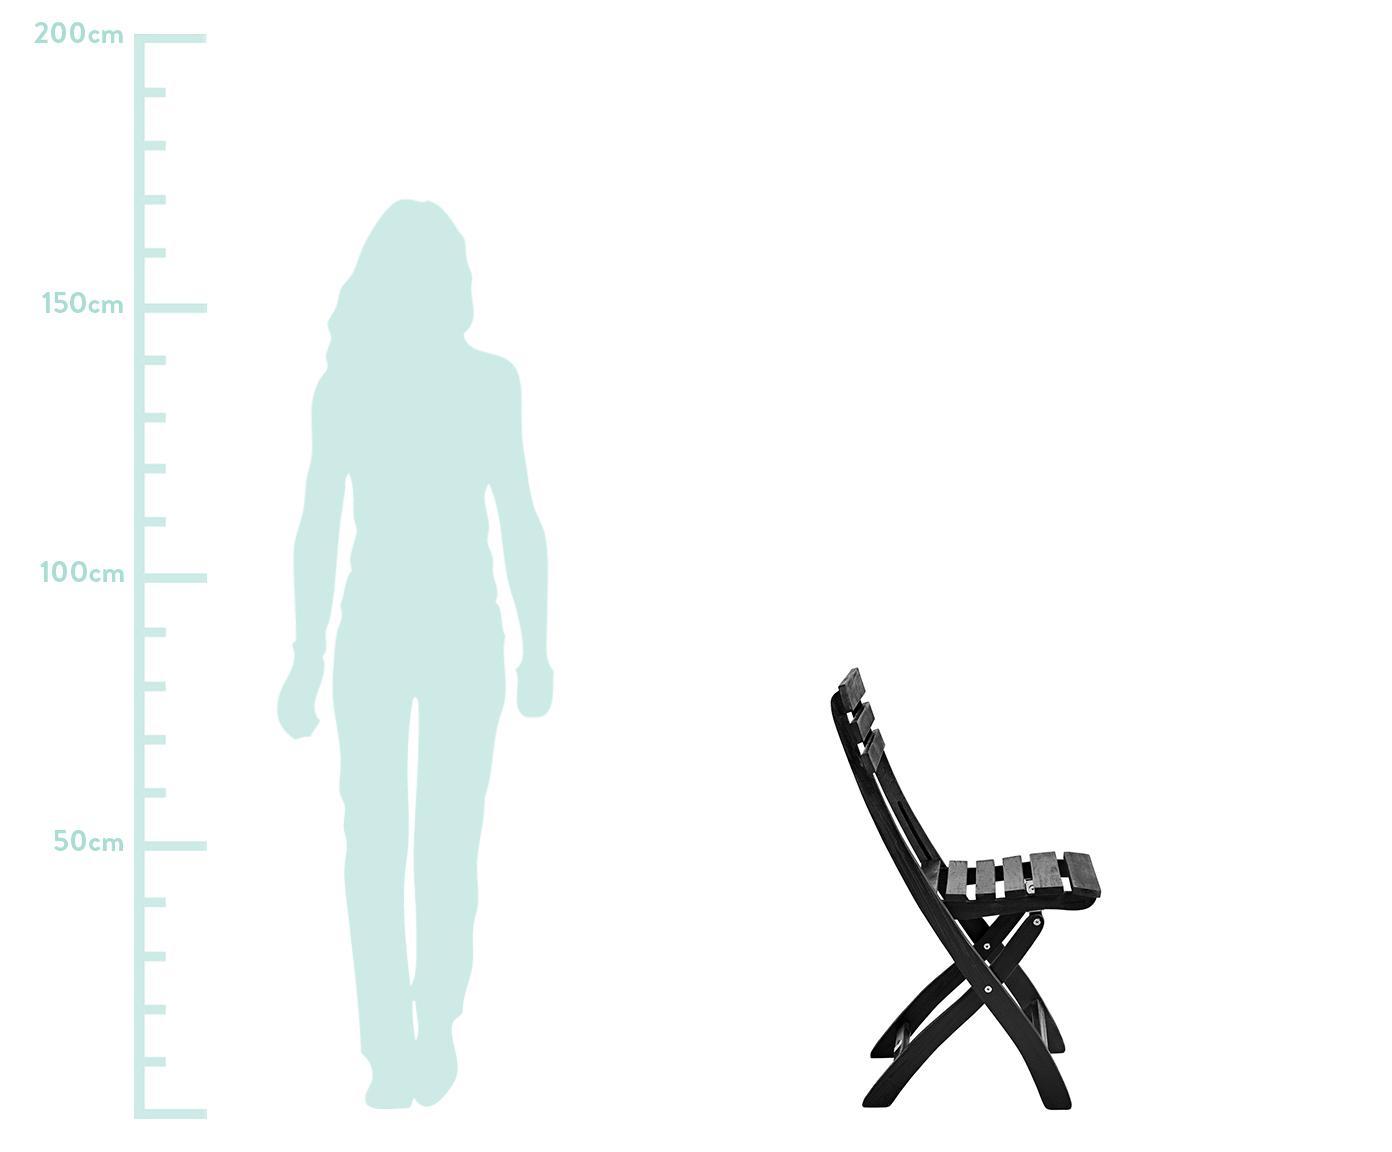 Zahradní skládací židle z dřeva Clarish, 2 ks, Černá